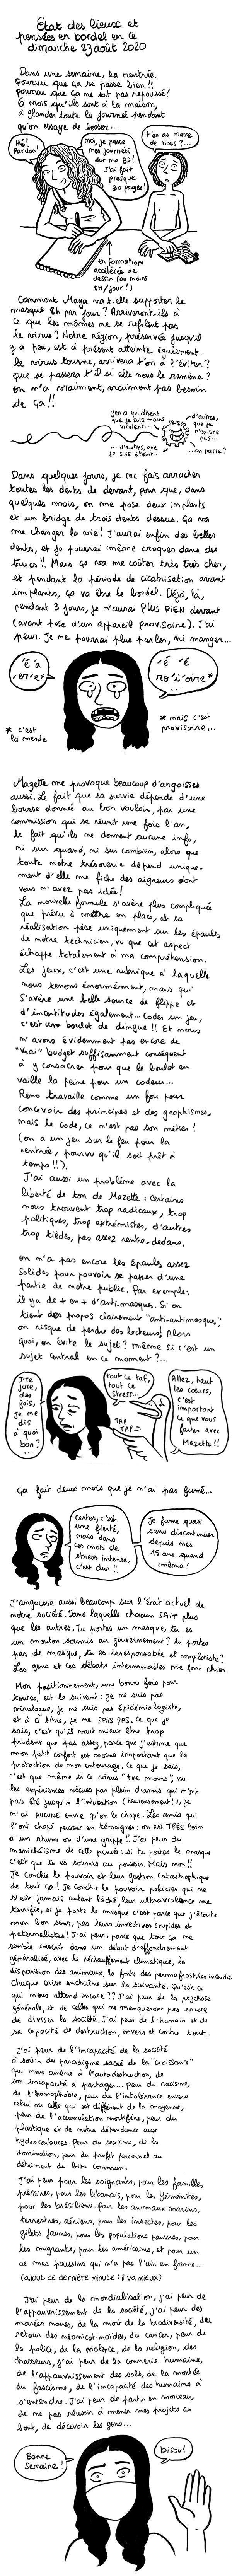 http://melaka.free.fr/blog/lundideprime.jpg